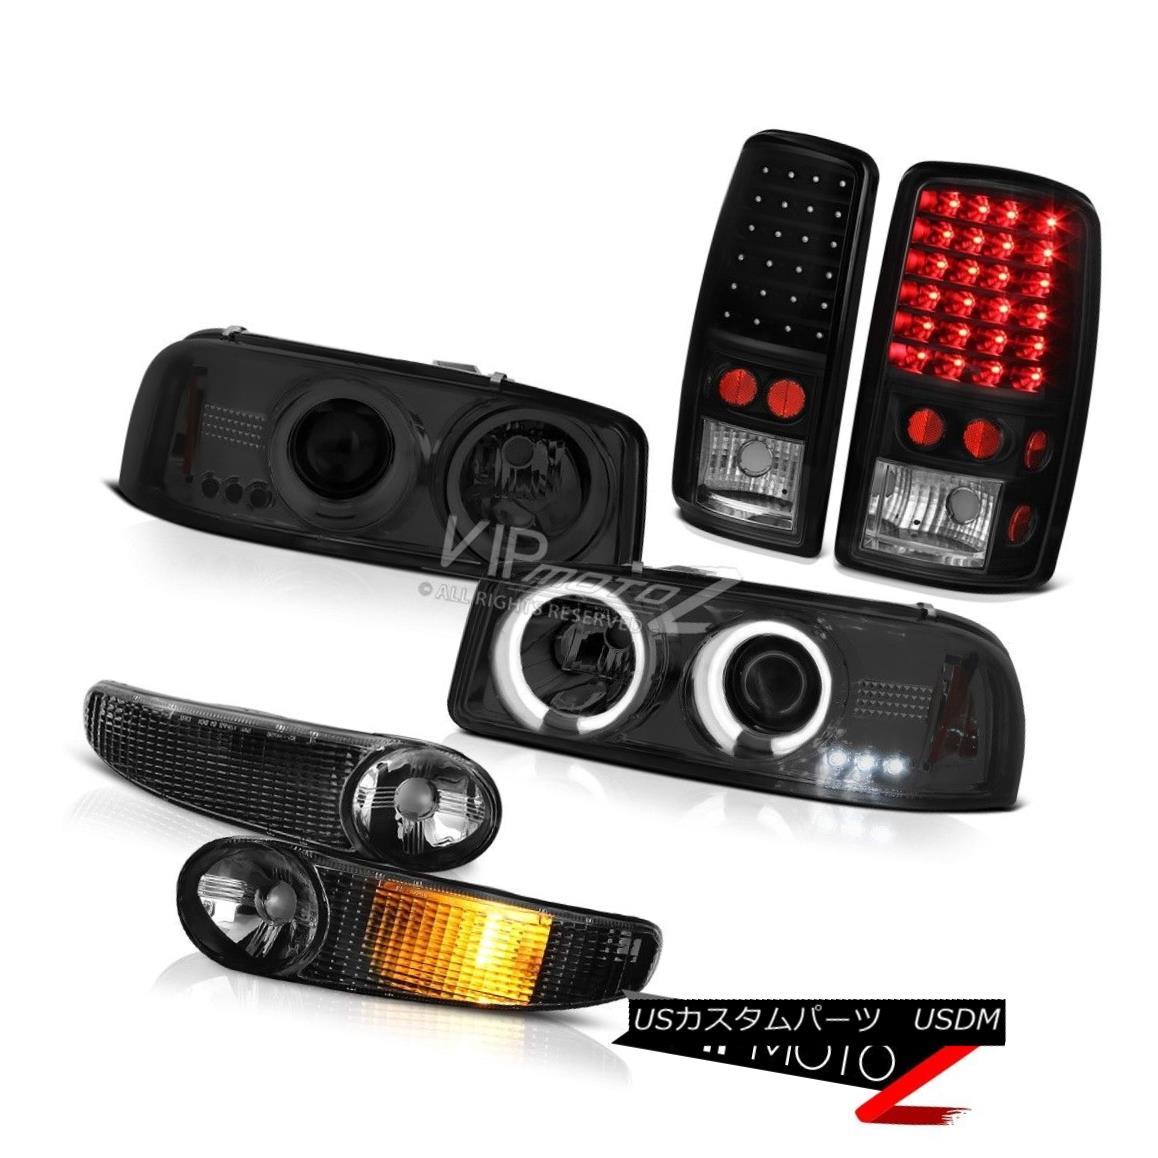 ヘッドライト 00 01 02 03 04 05 06 Yukon Eye CCFL Halo Headlight Signal Brake LED Tail Lights 00 01 02 03 04 05 06ユーコンアイCCFL Haloヘッドライト信号ブレーキLEDテールライト